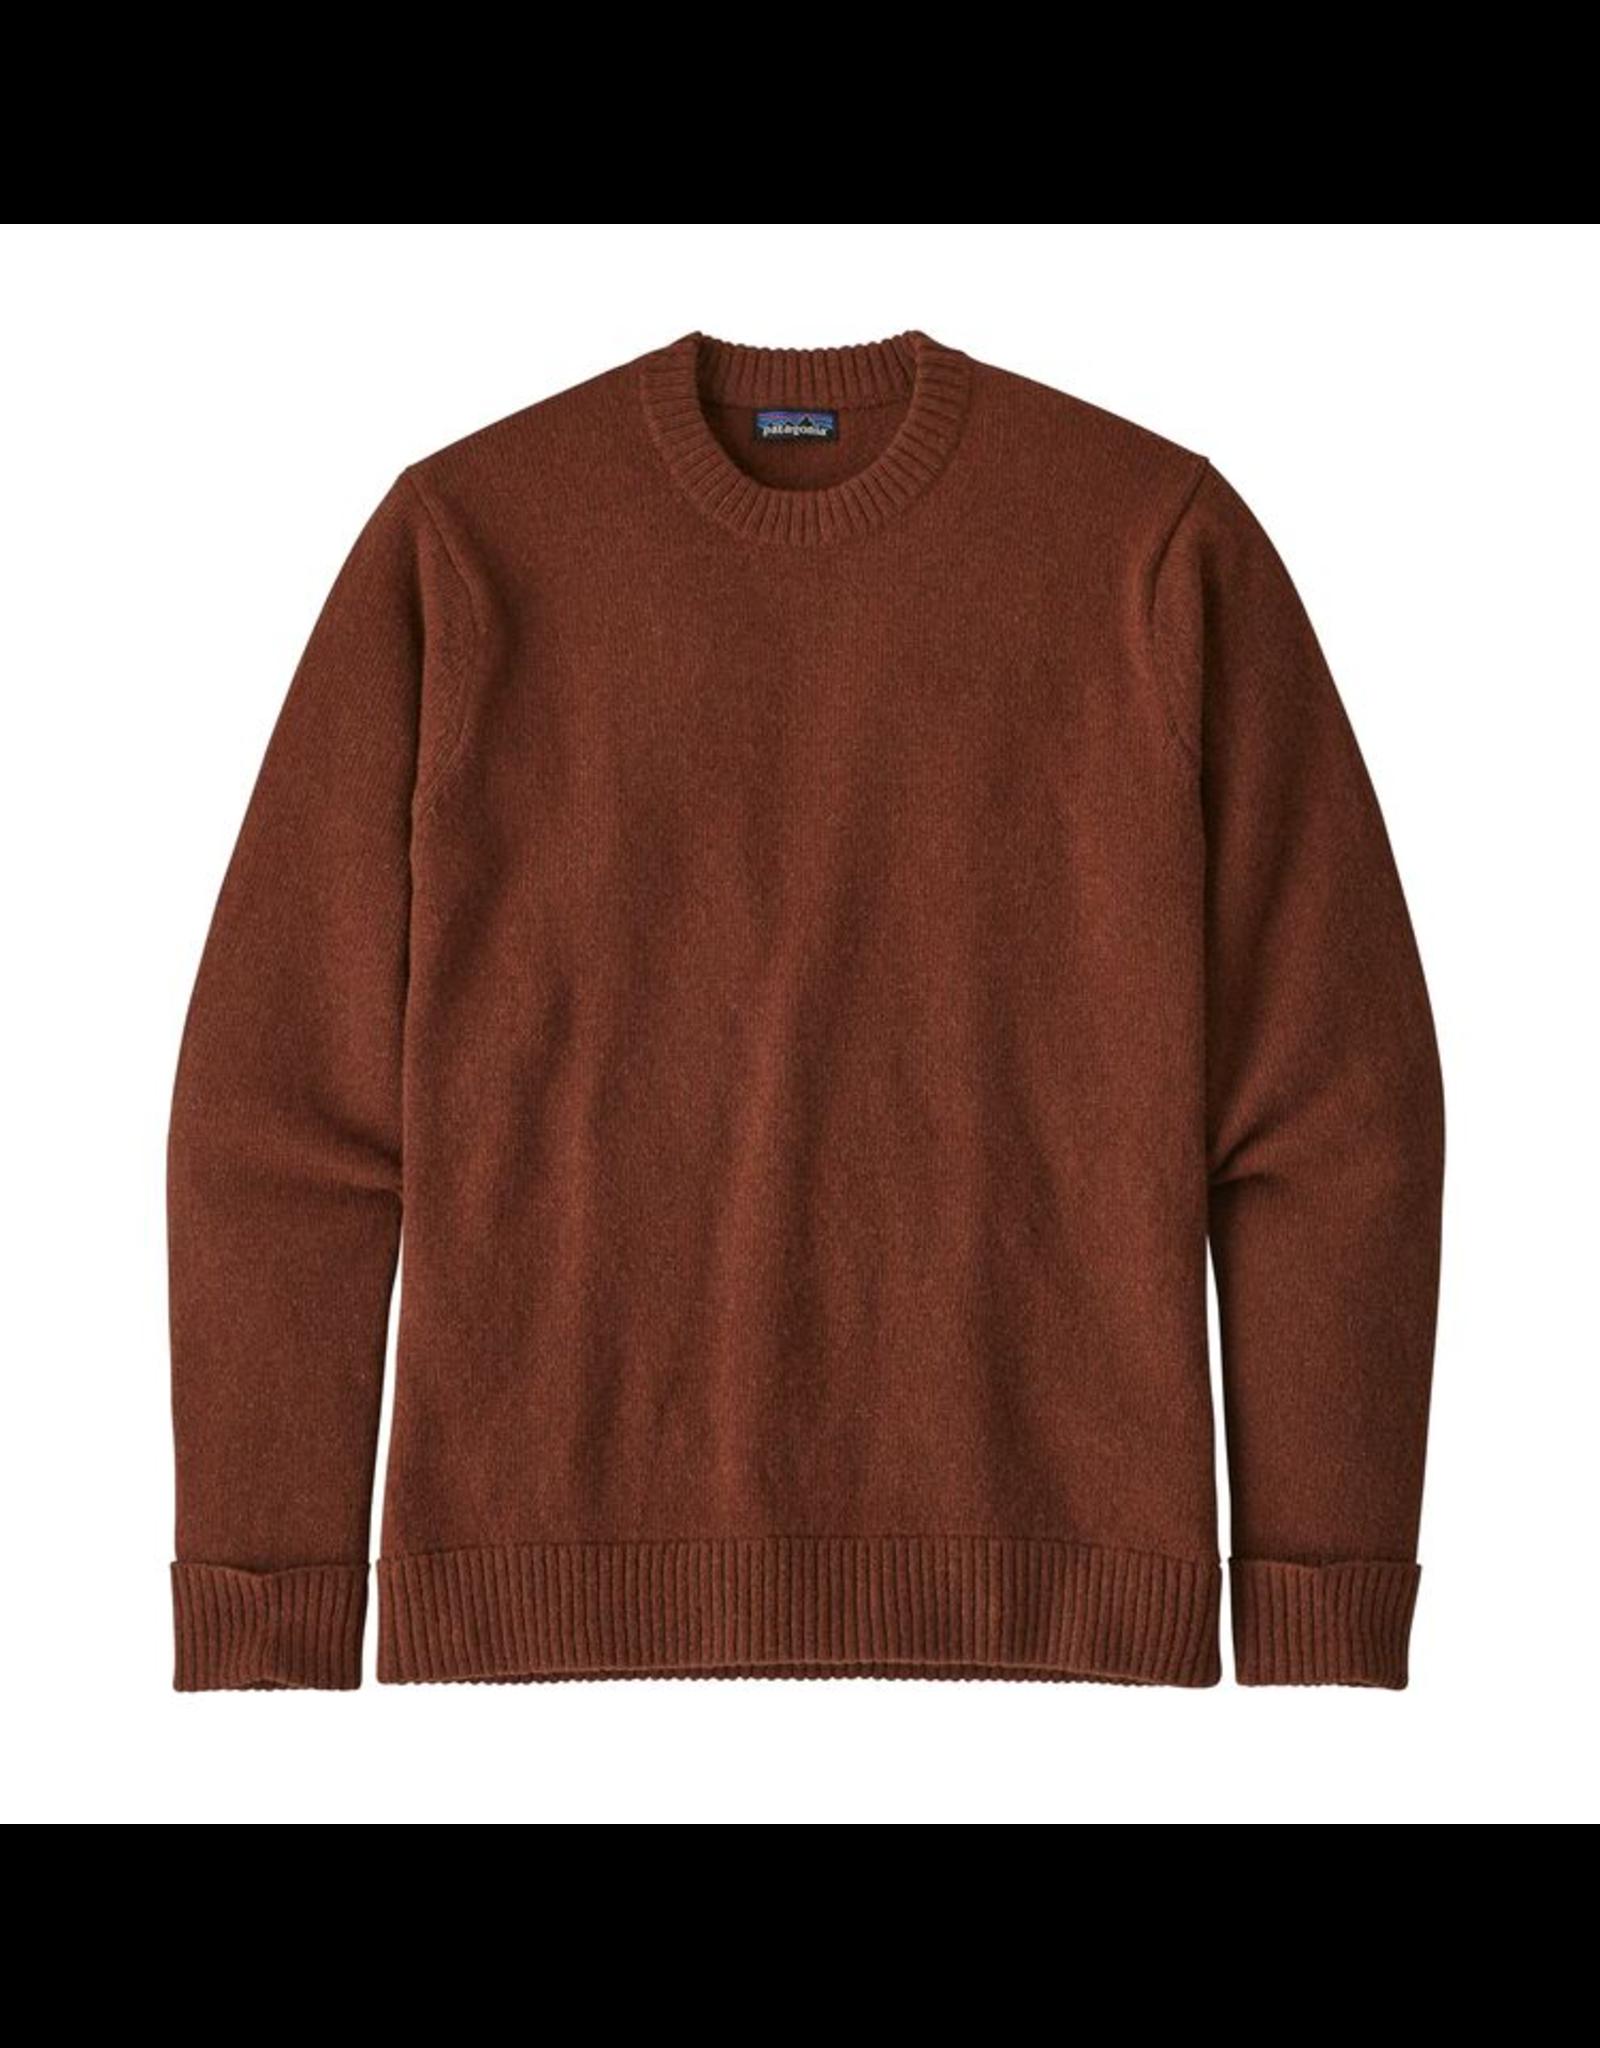 Patagonia Patagonia - Pull homme recycled wool sisu brown